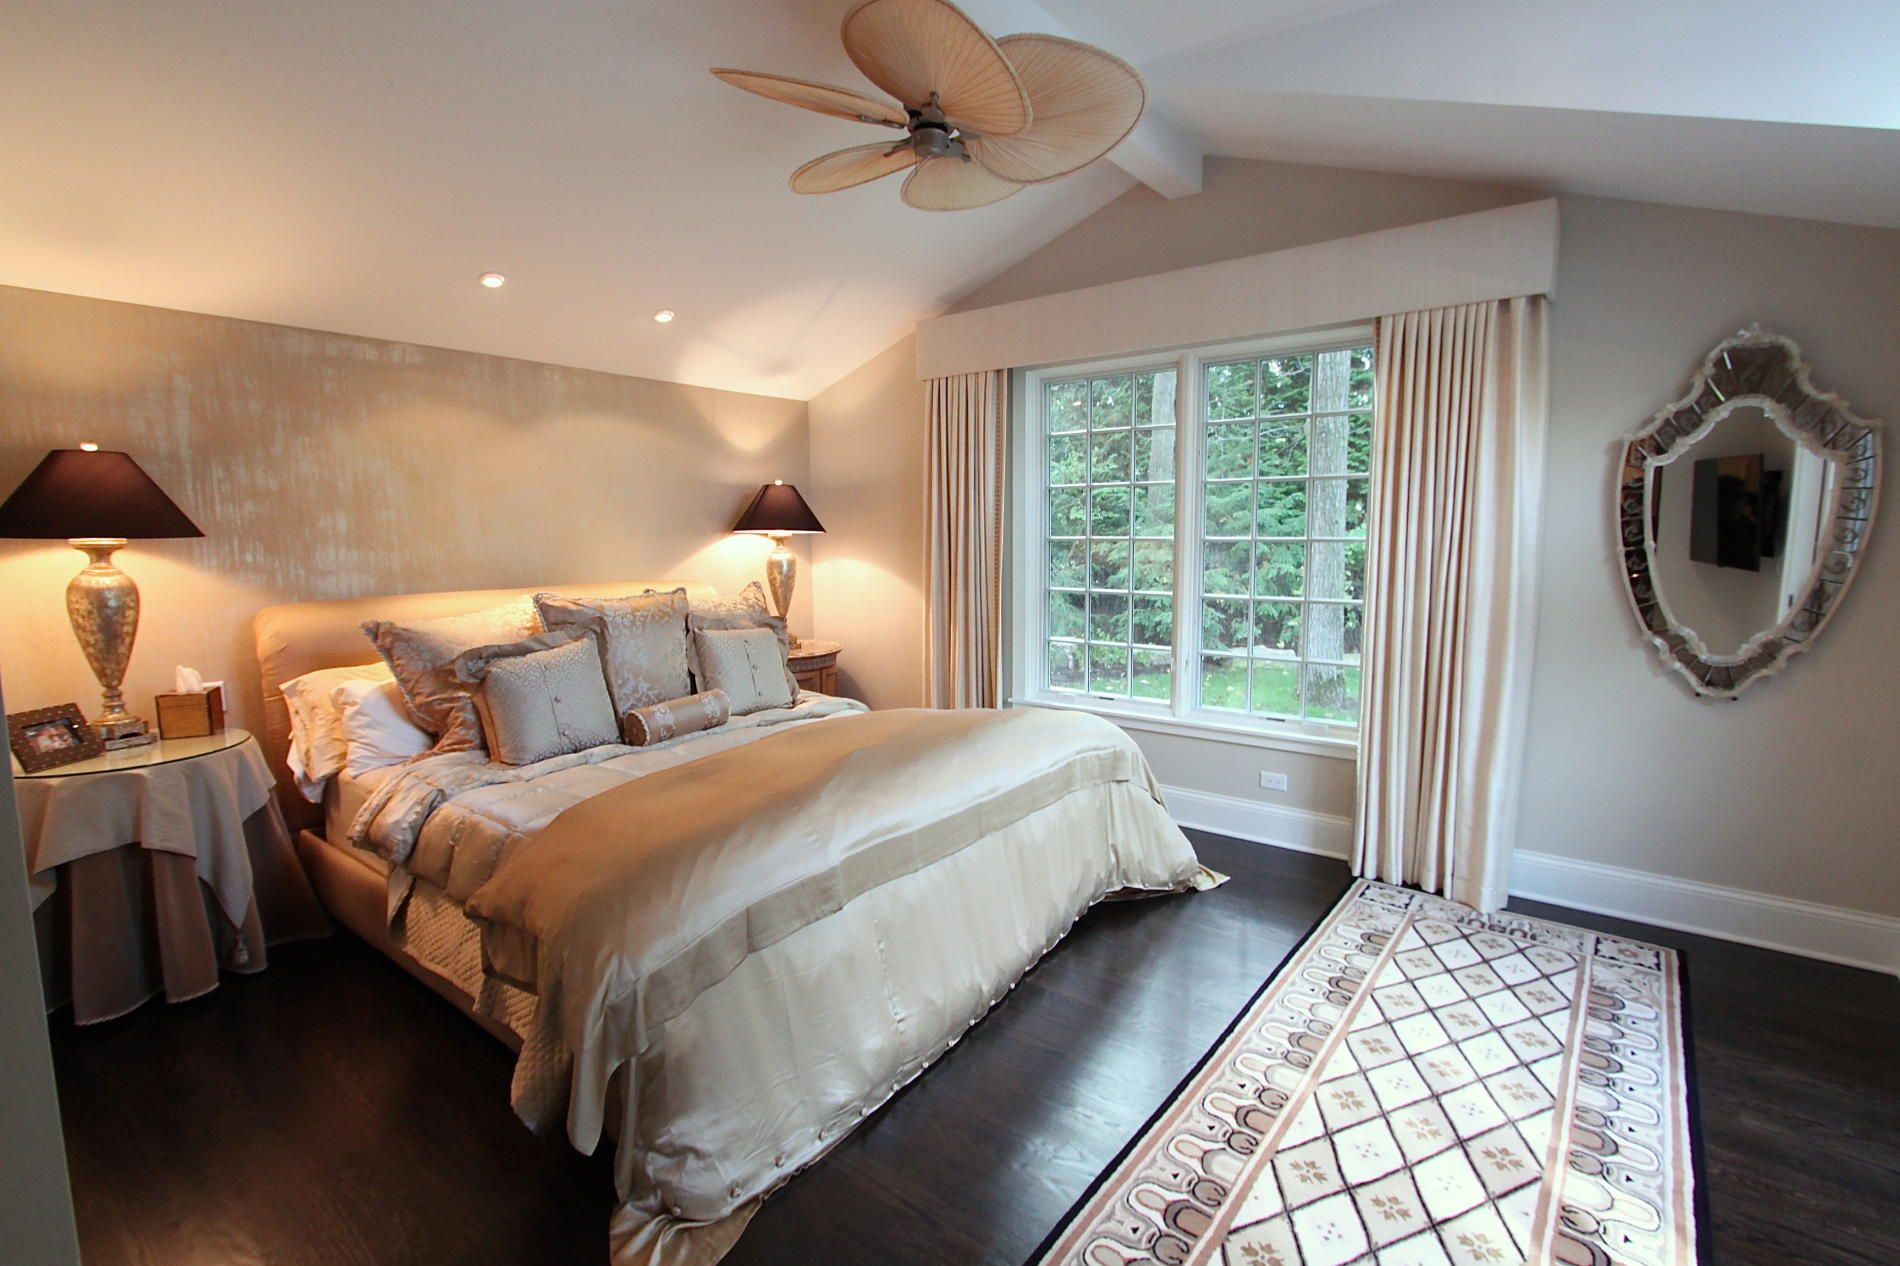 28 Master Bedrooms With Hardwood Floors Master Bedroom Design